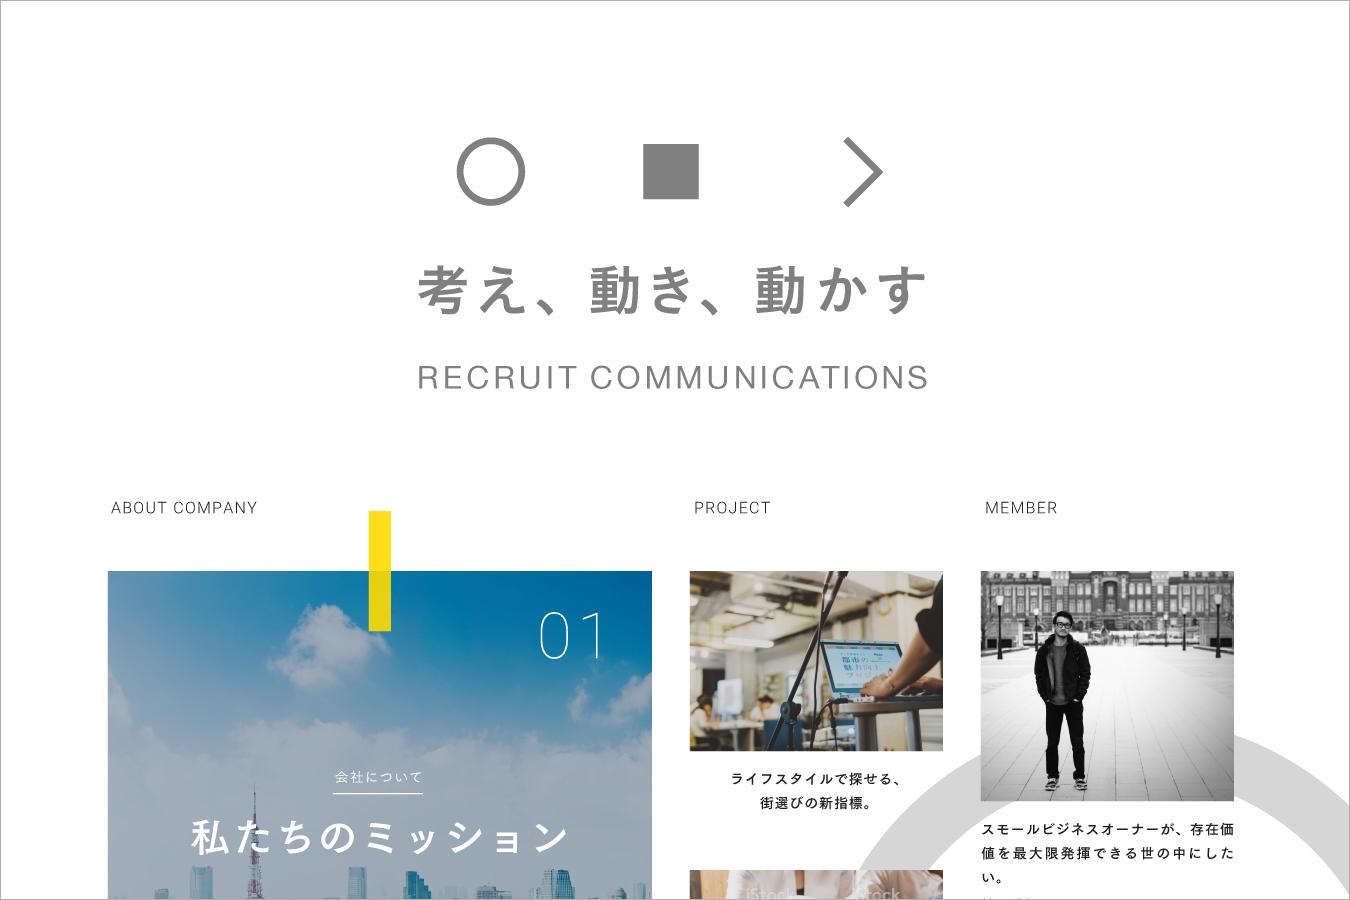 リクルートコミュニケーションズ / 採用サイト